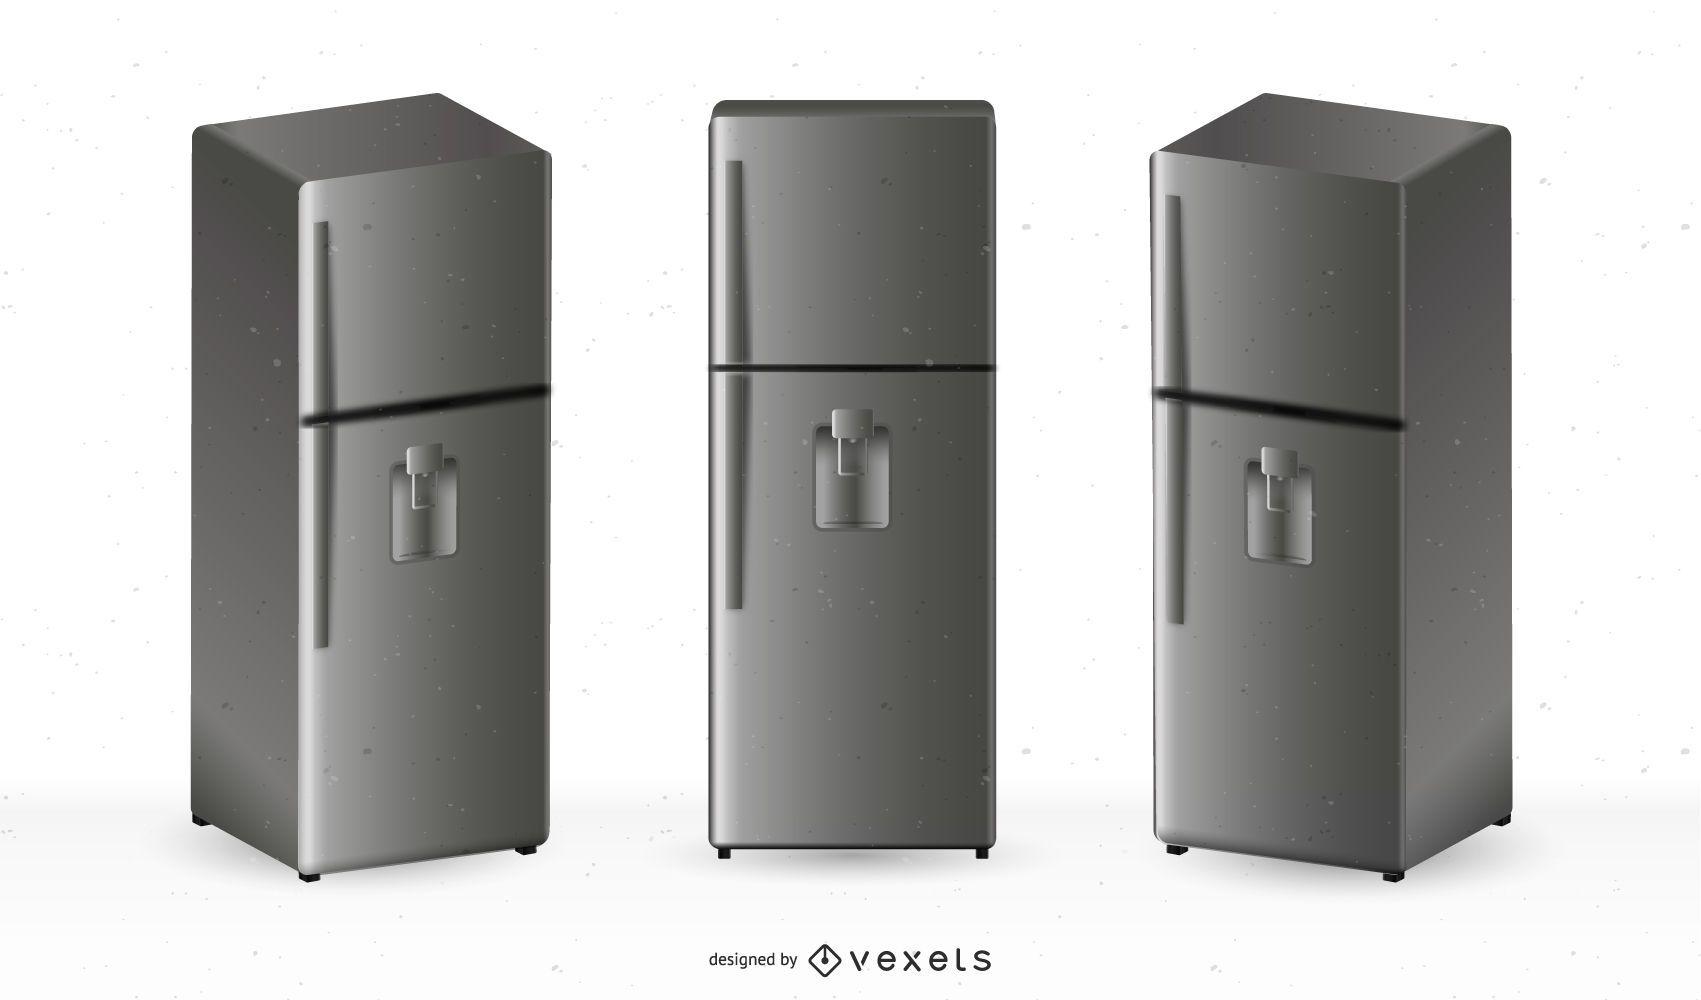 Ilustração gratuita de geladeiras vetoriais